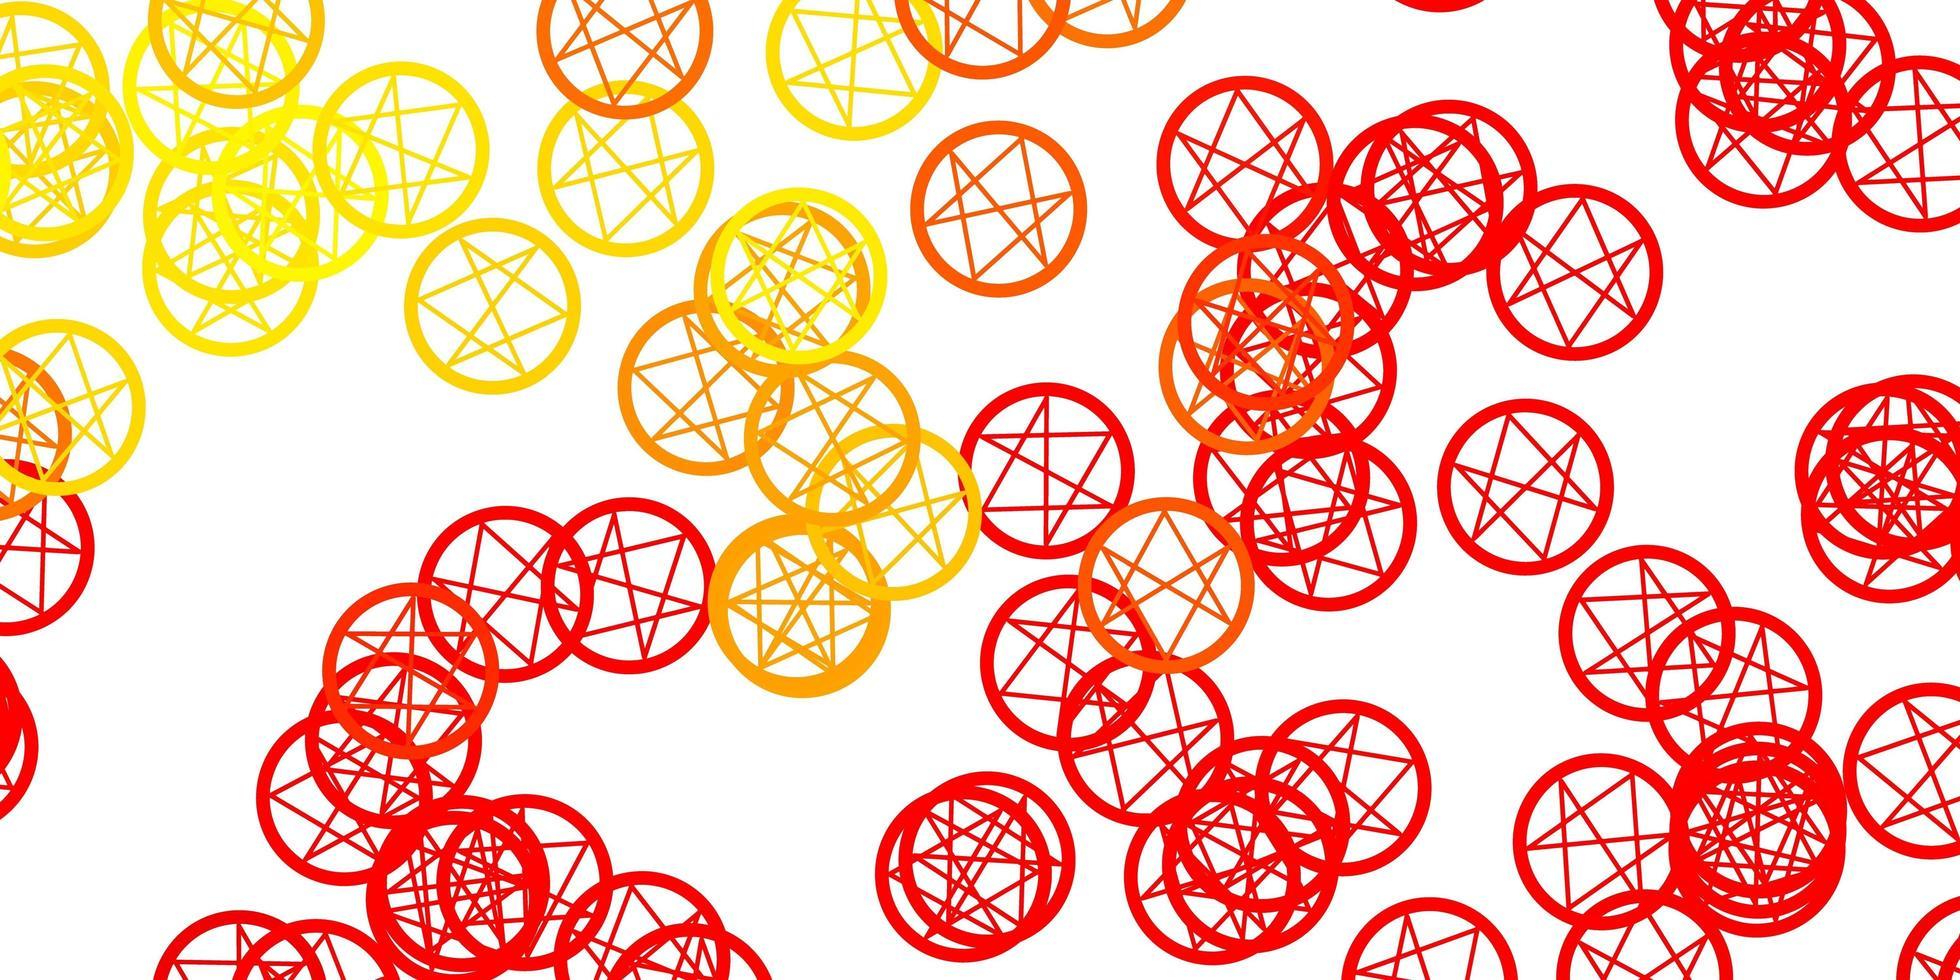 pano de fundo de vetor vermelho e amarelo claro com símbolos de mistério.